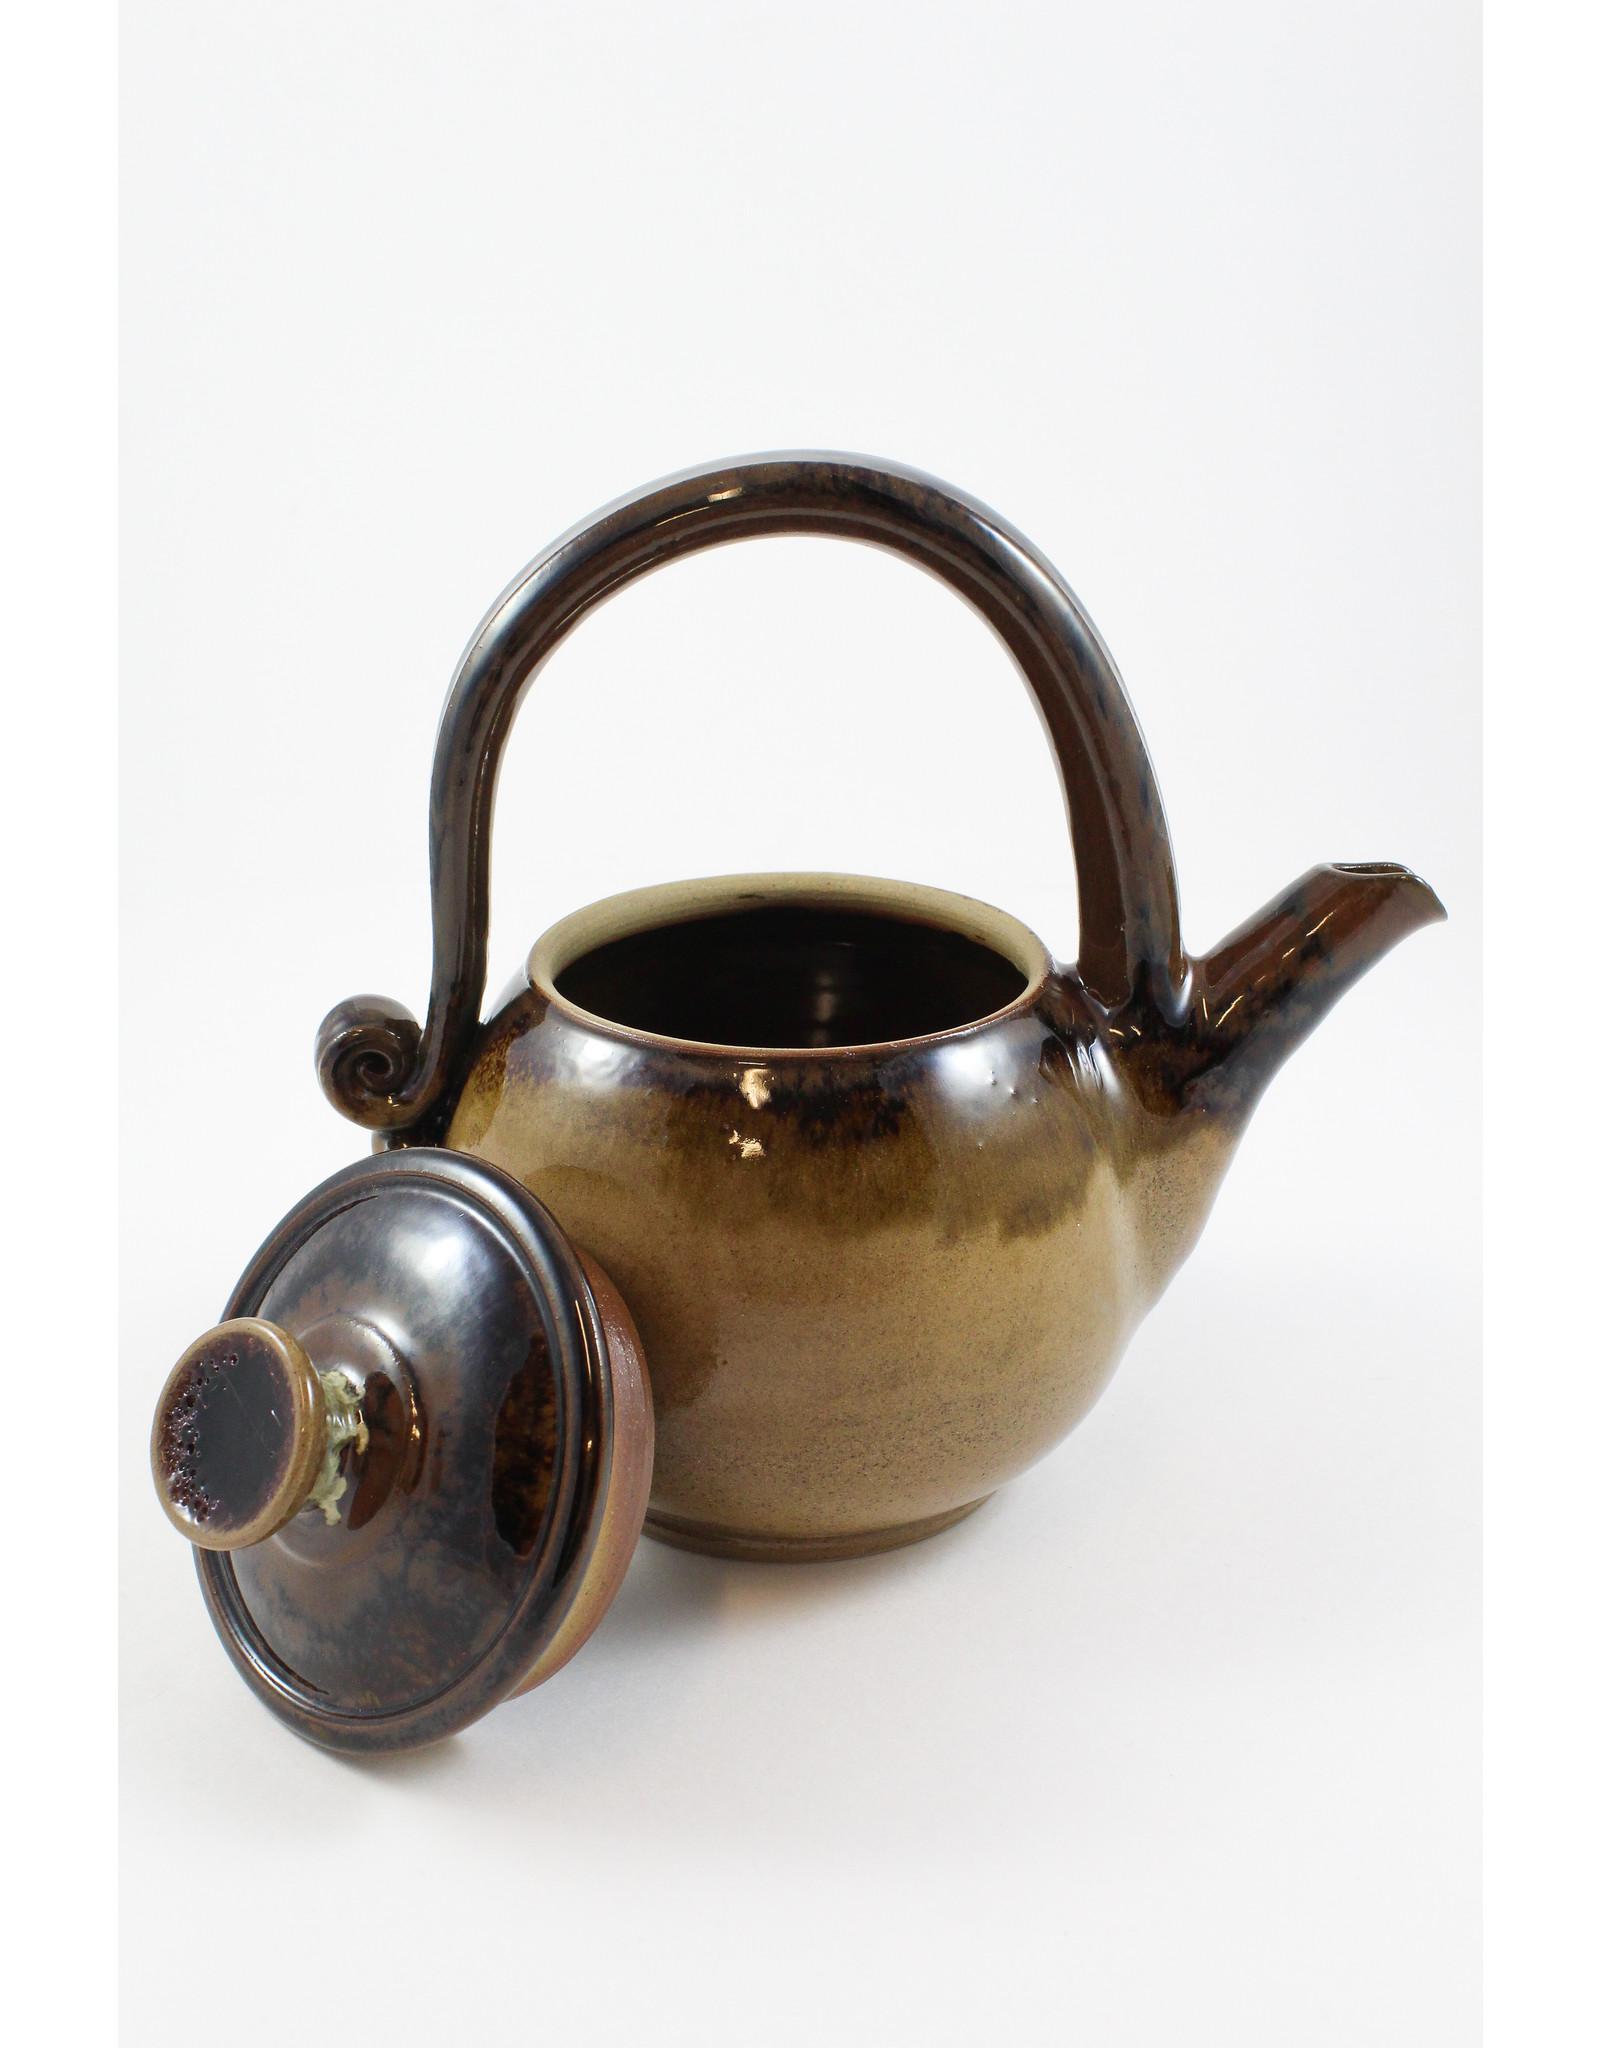 Jitka Zgola Classic Teapot by Jitka Zgola